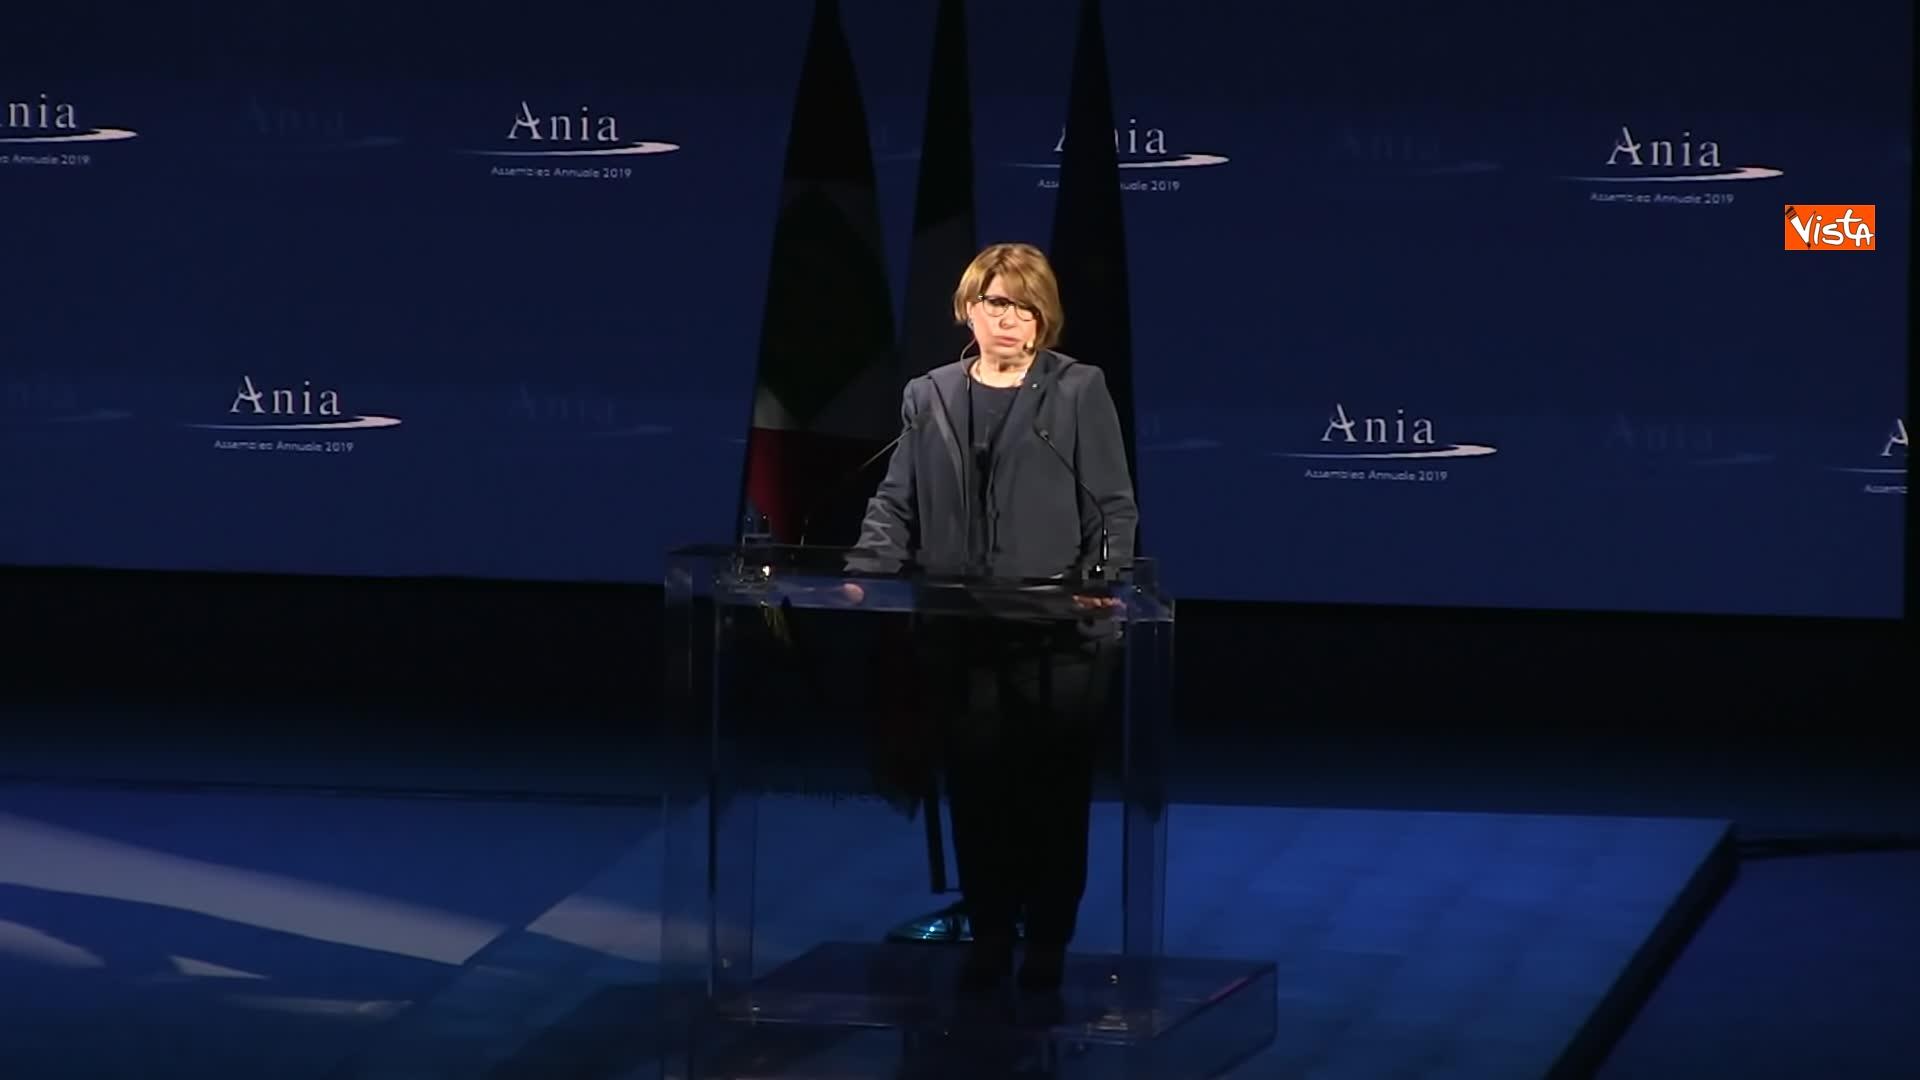 10-07-19 Ania l Assemblea con Conte Mattarella e la presidente Farina_Maria Bianca Farina presidente Ania sul palco